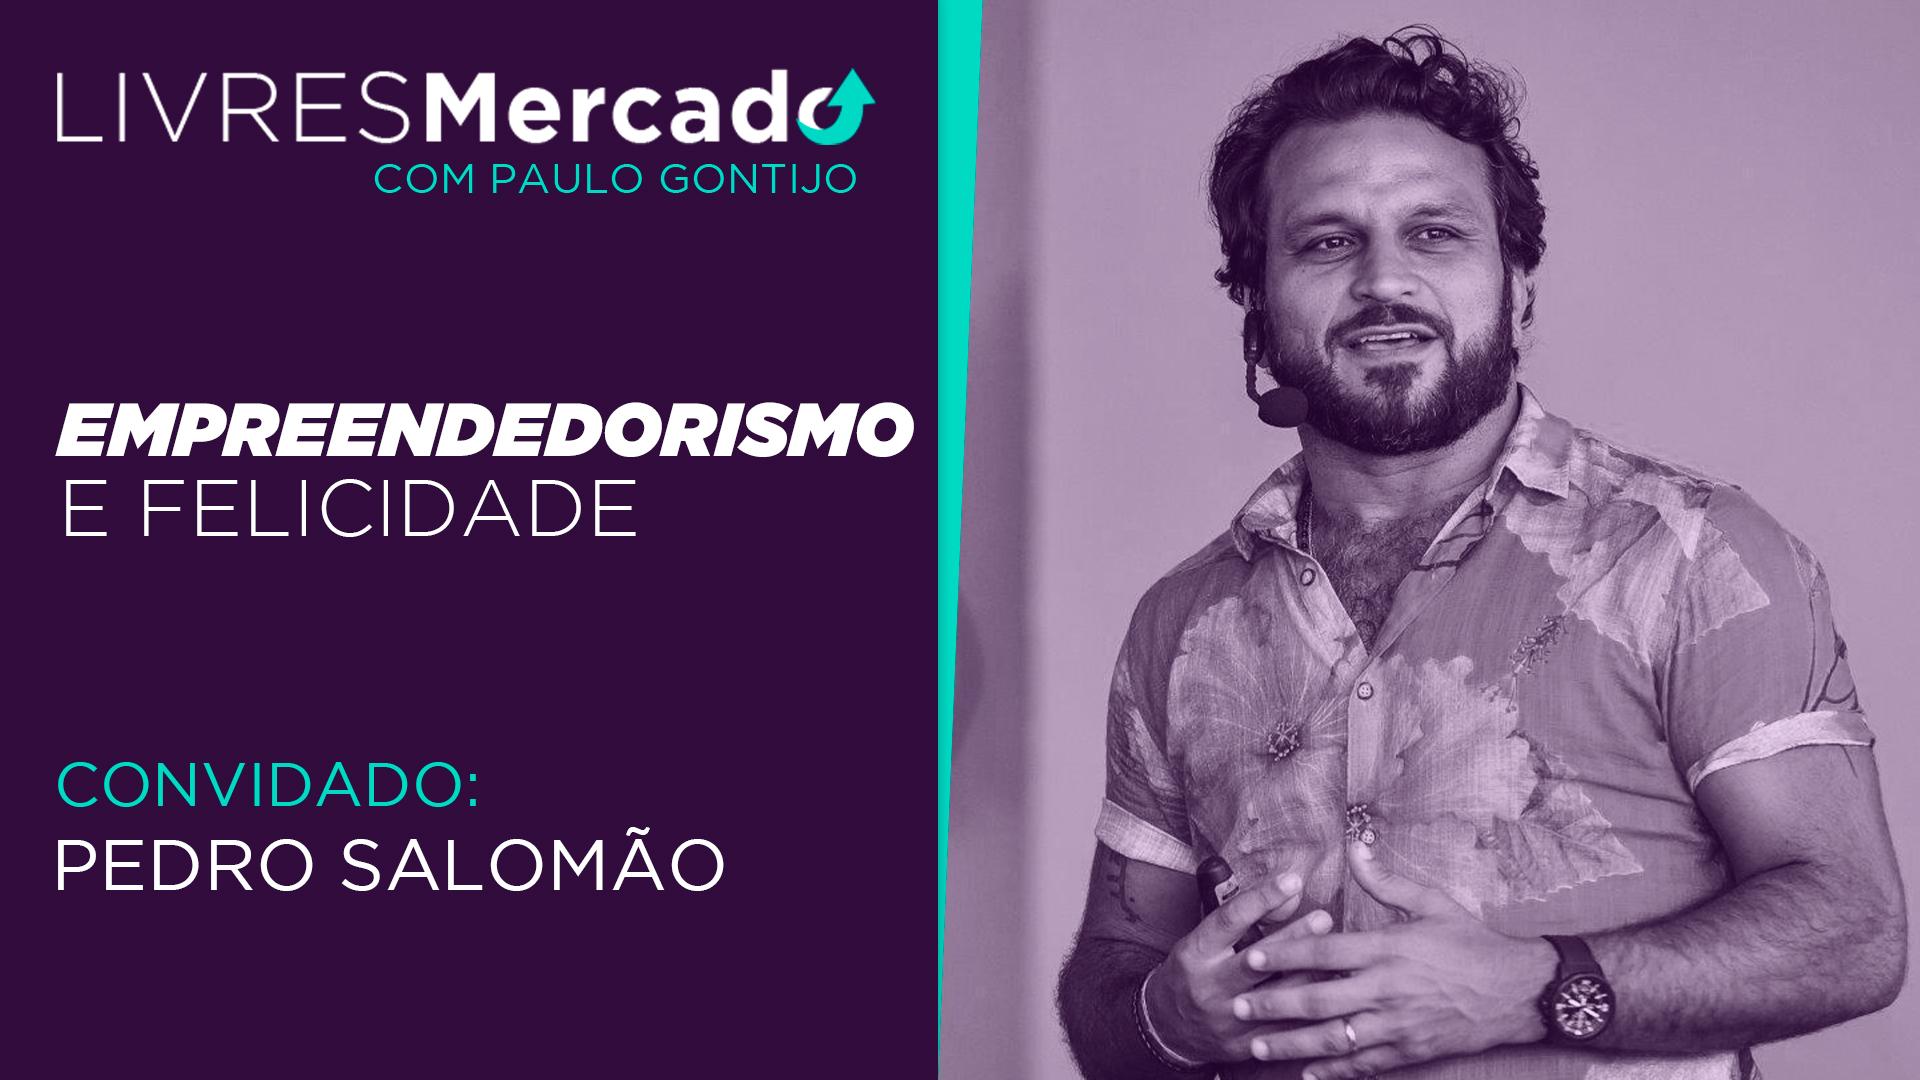 Livres Mercado | Pedro Salomão: Empreendedorismo e Felicidade